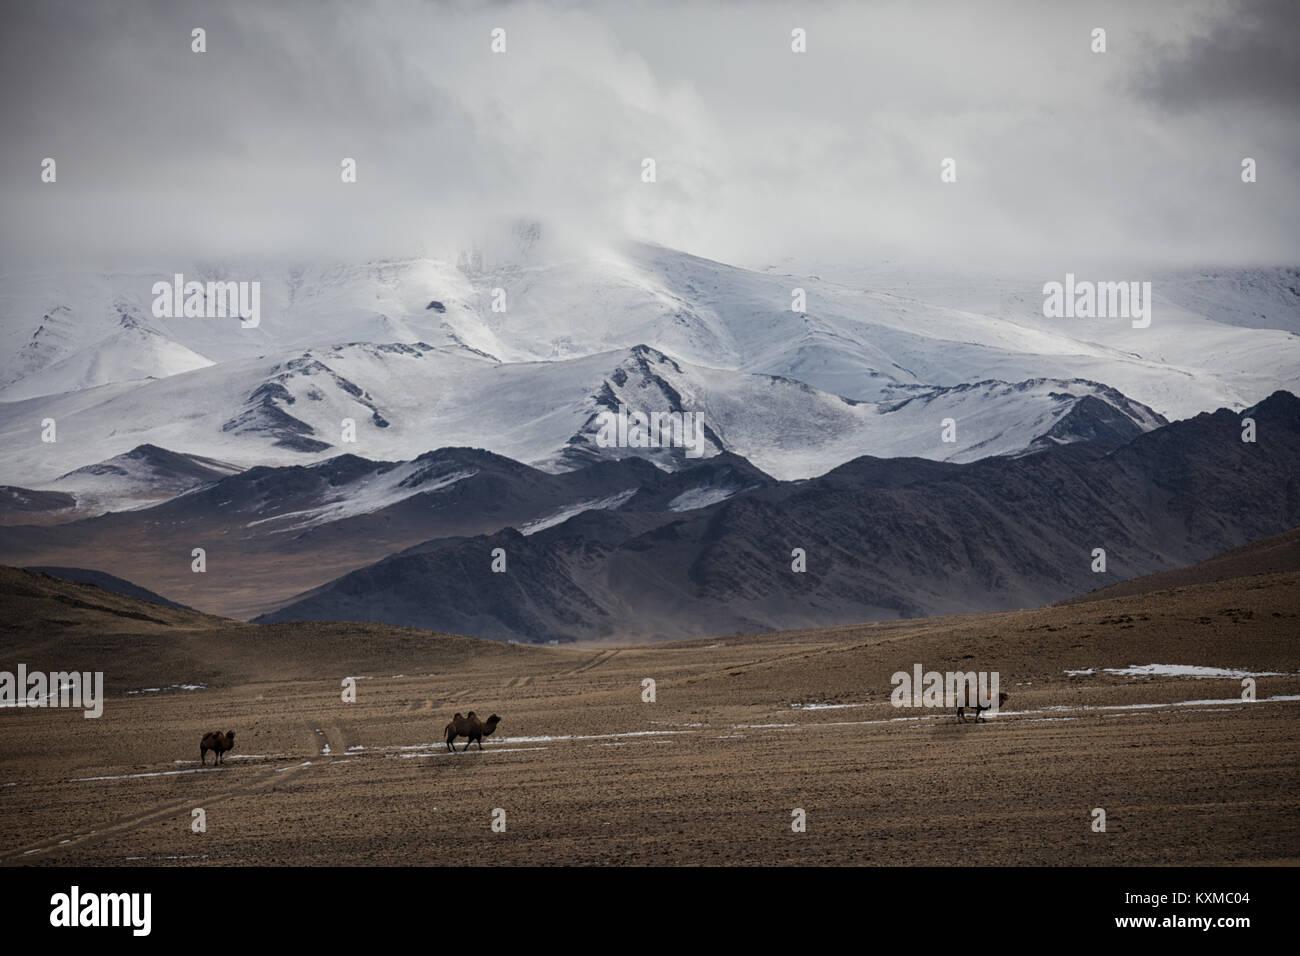 La Mongolie lac hiver montagnes de neige nuageux chameaux de Mongolie steppes des Prairies Photo Stock